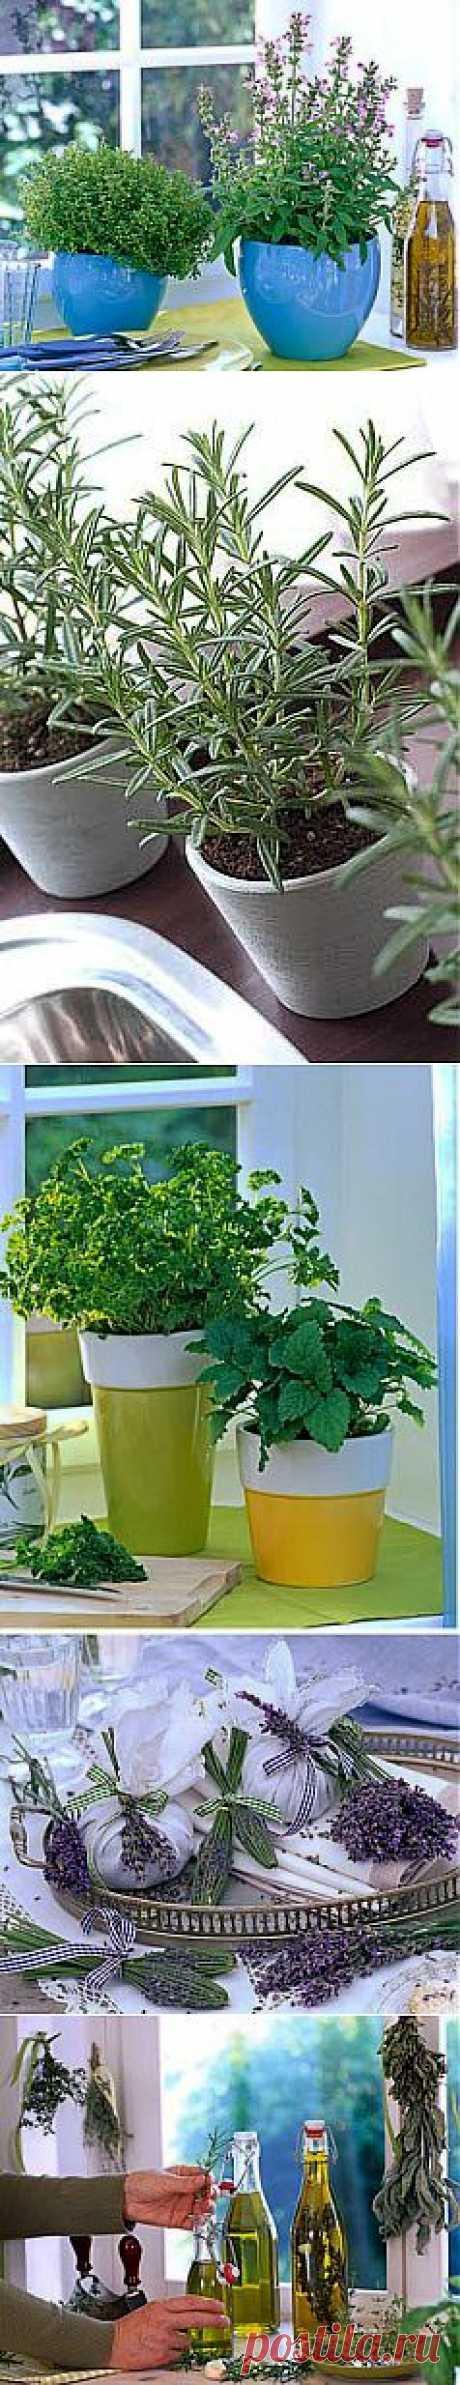 Как вырастить пряные травы на подоконнике? | GreenHome